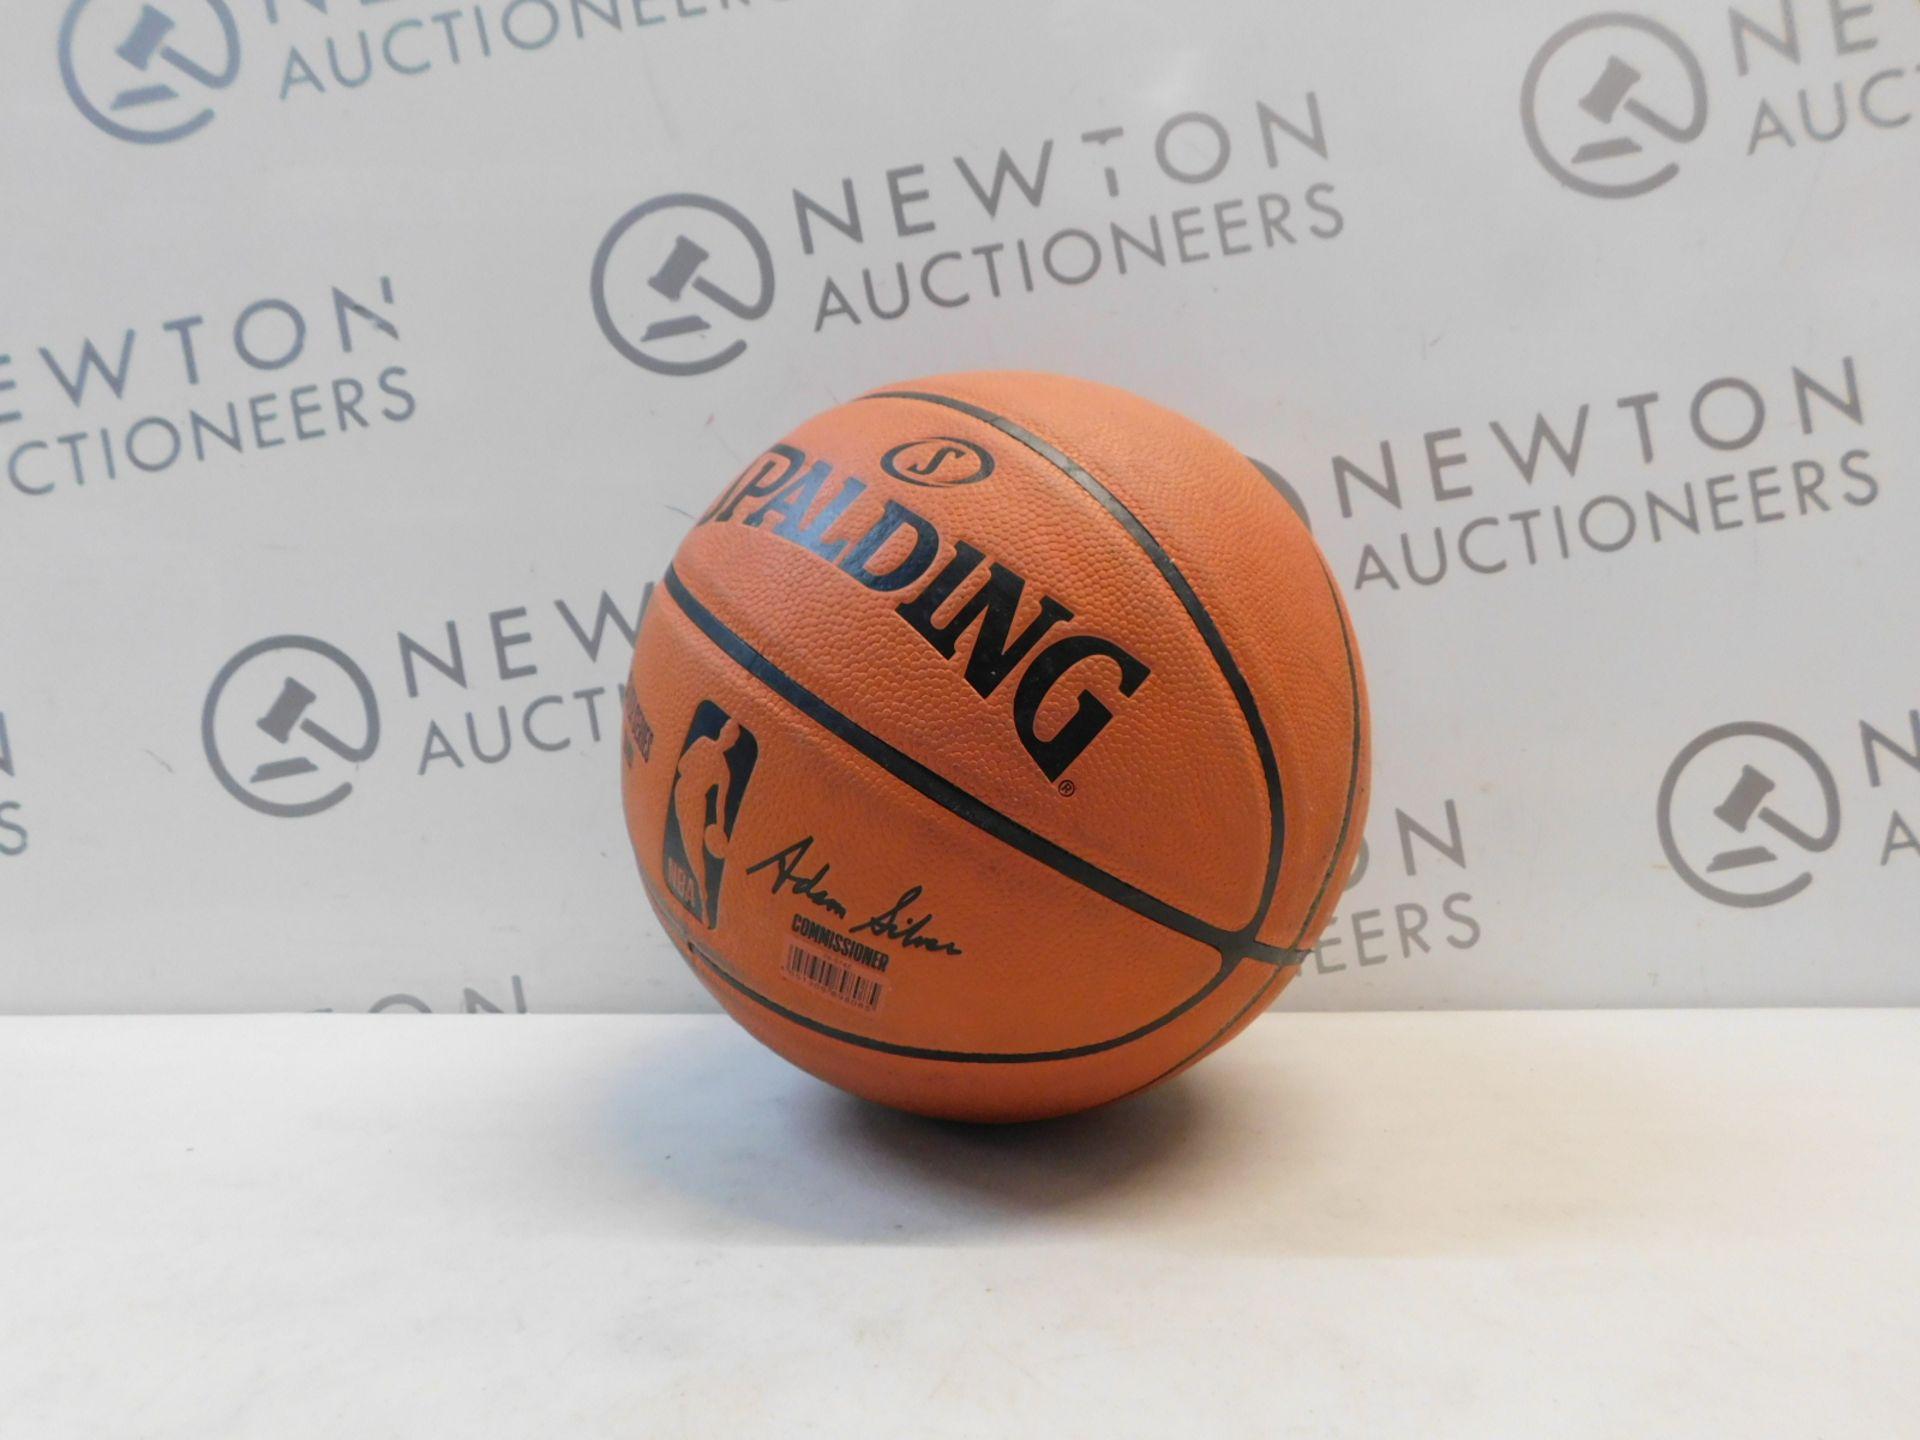 1 SPALDING SILVER SERIES NBA REPLICA BASKETBALL RRP £29.99